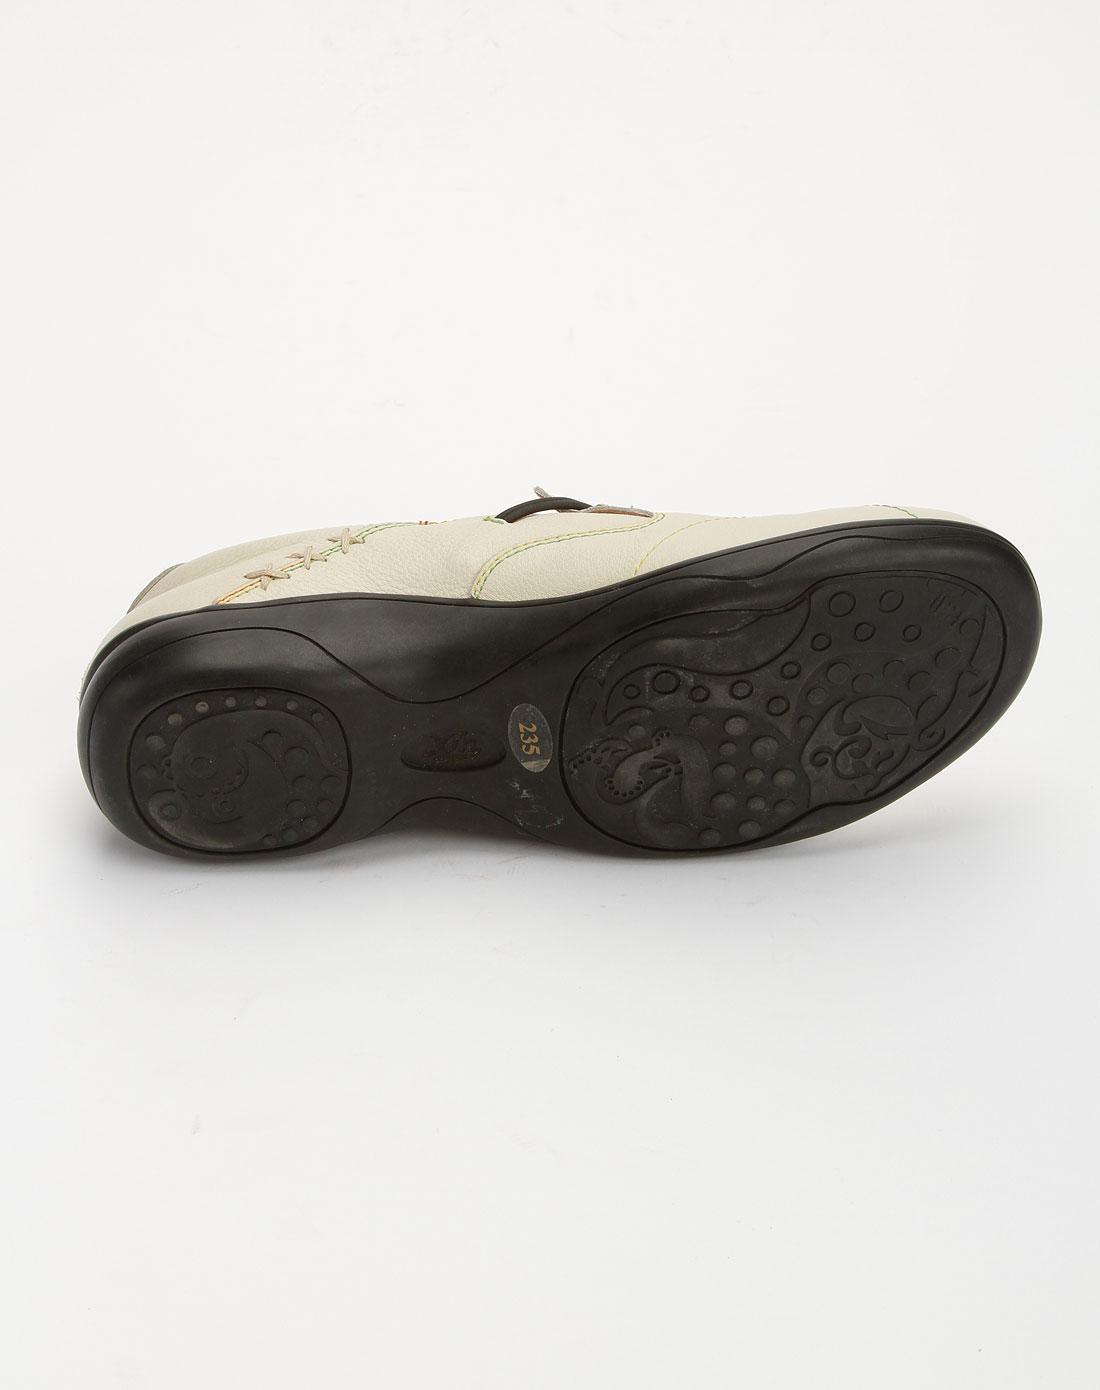 馨宠儿xinchonger女款米白色时尚休闲鞋x01100-05331